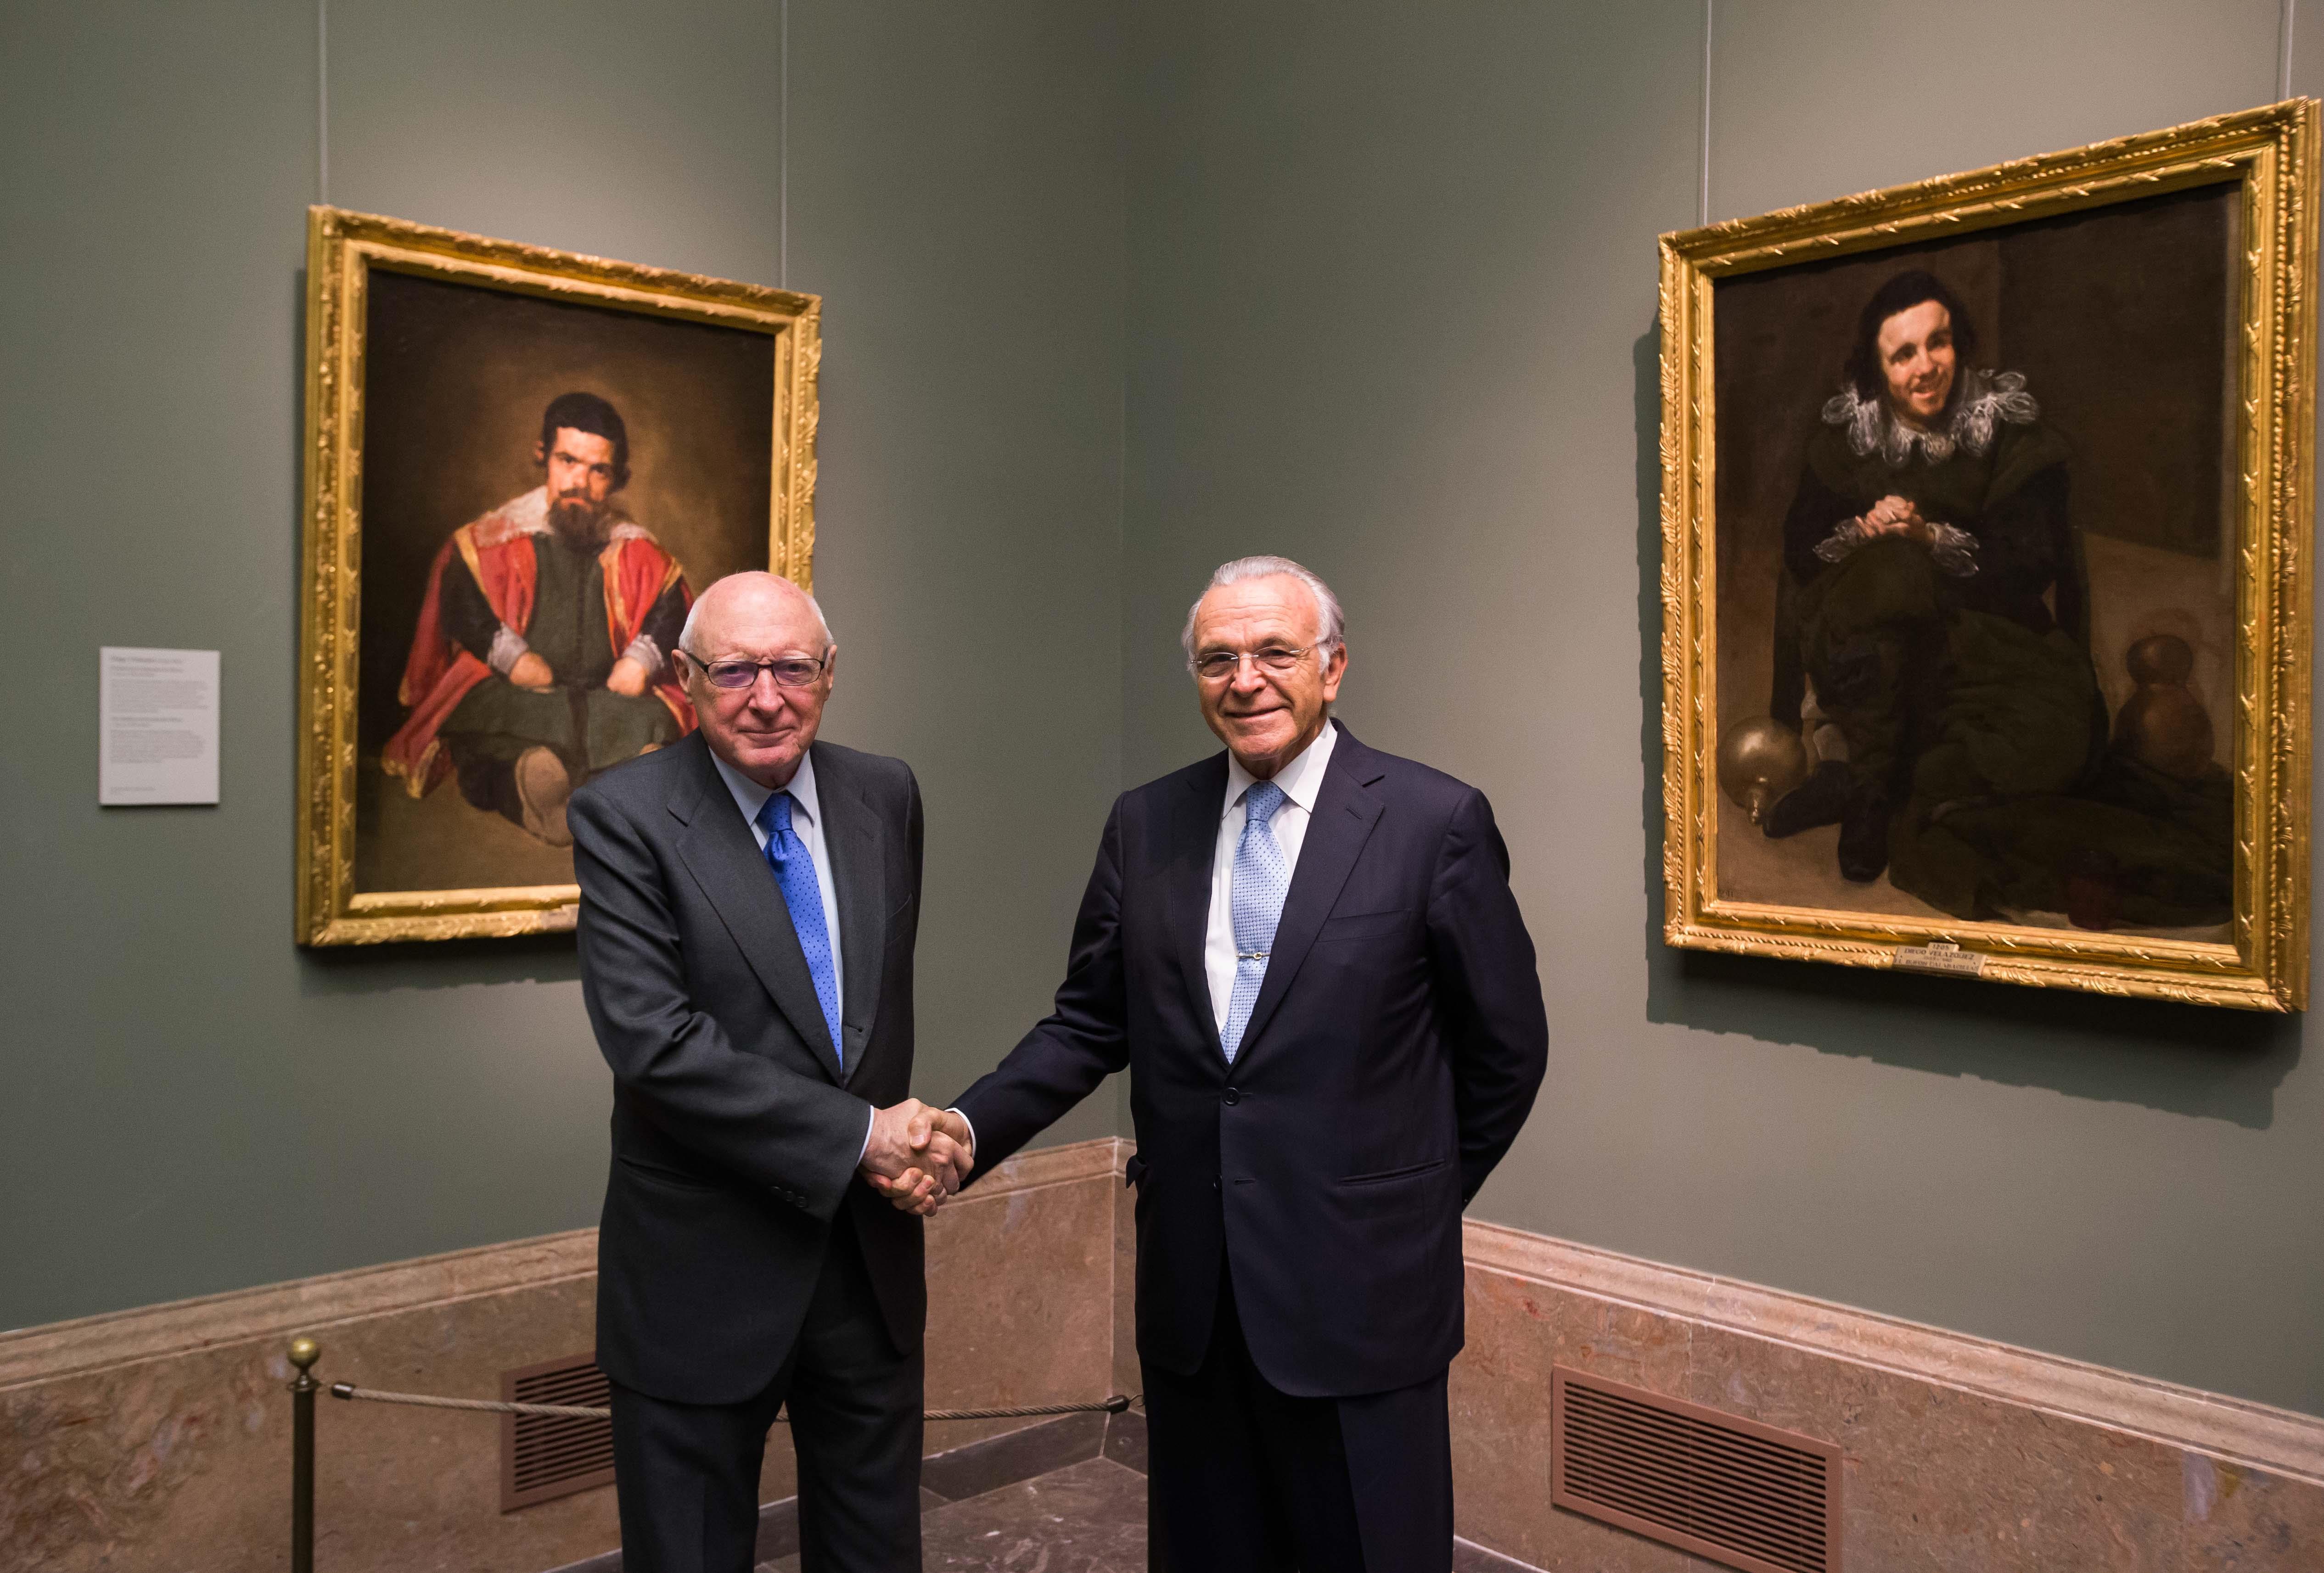 """La Obra Social """"La Caixa"""" y el Museo del Prado organizarán cuatro grandes exposiciones en los próximos cuatro años"""